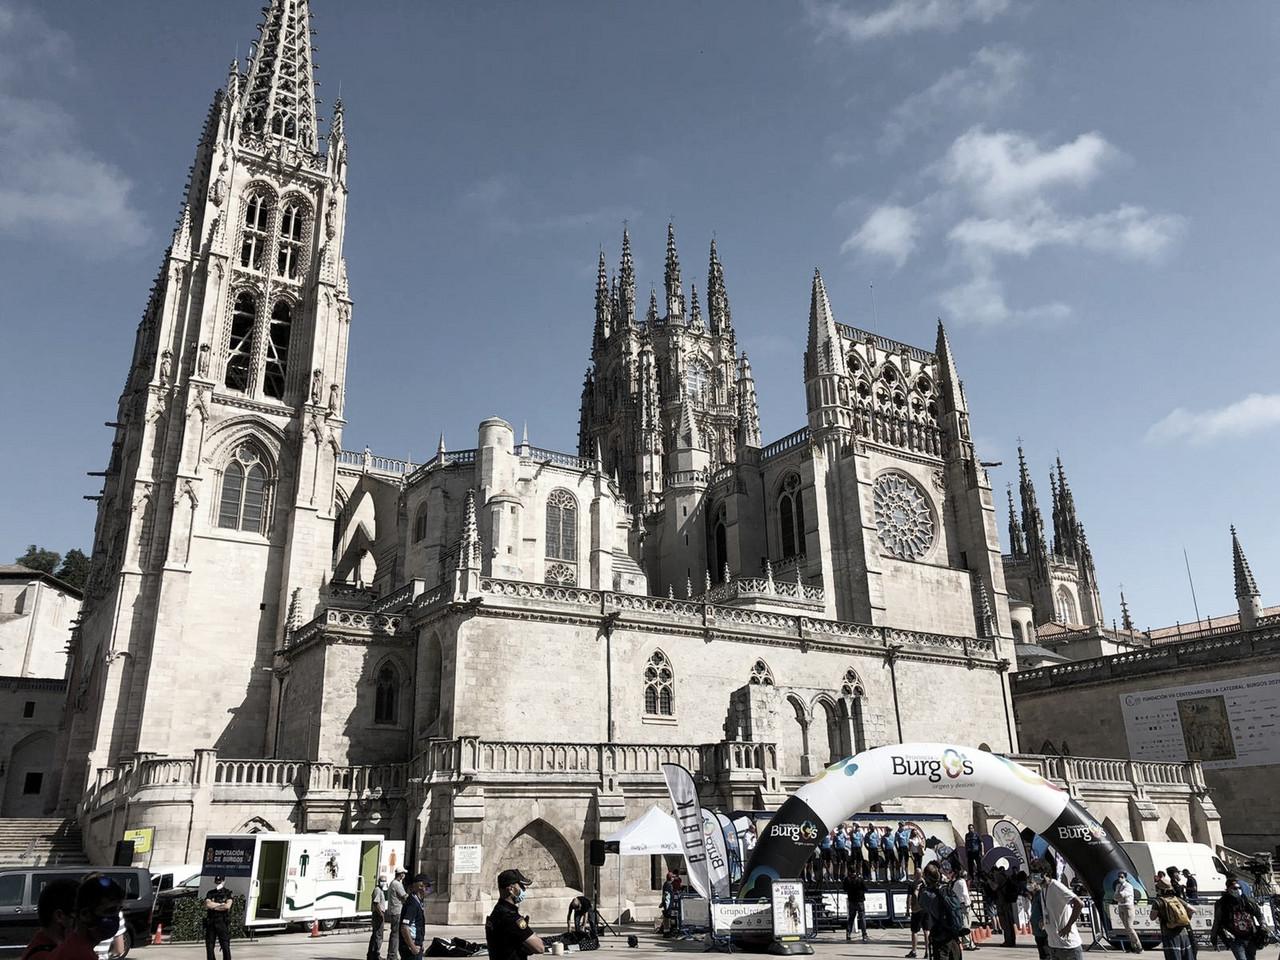 La Vuelta a Burgos de las estrellas